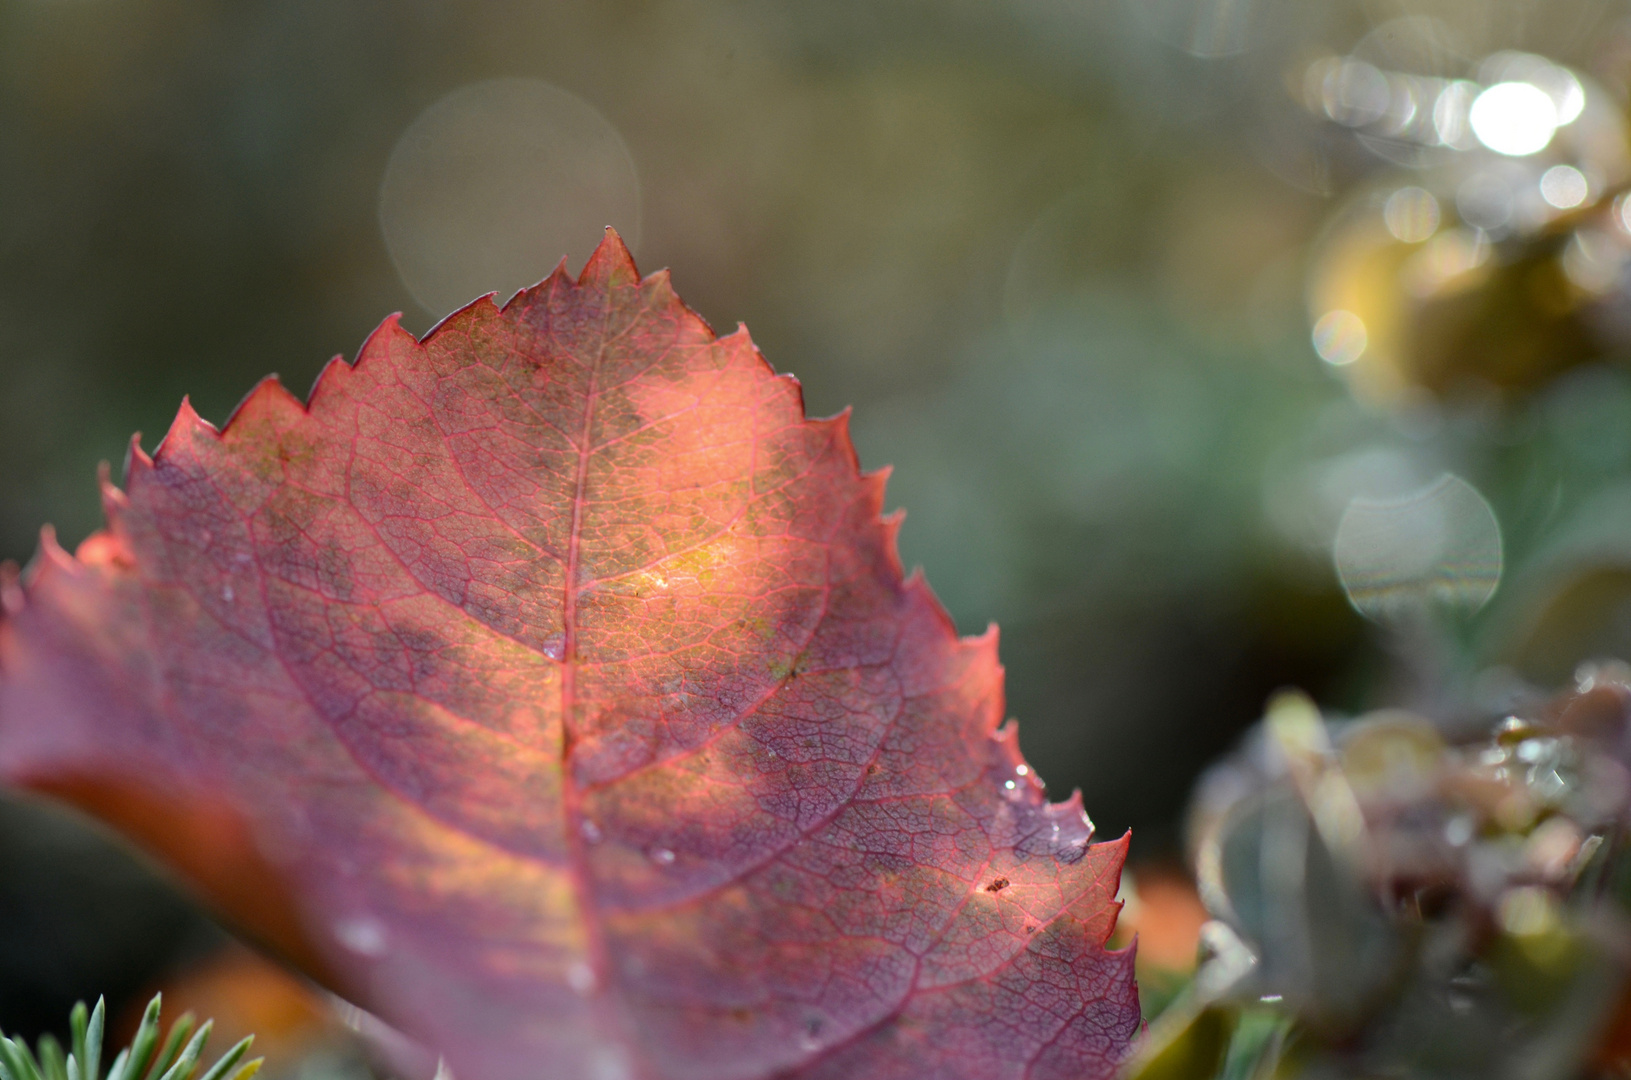 Sonnenblatt Foto & Bild | makro, wein, laub Bilder auf fotocommunity